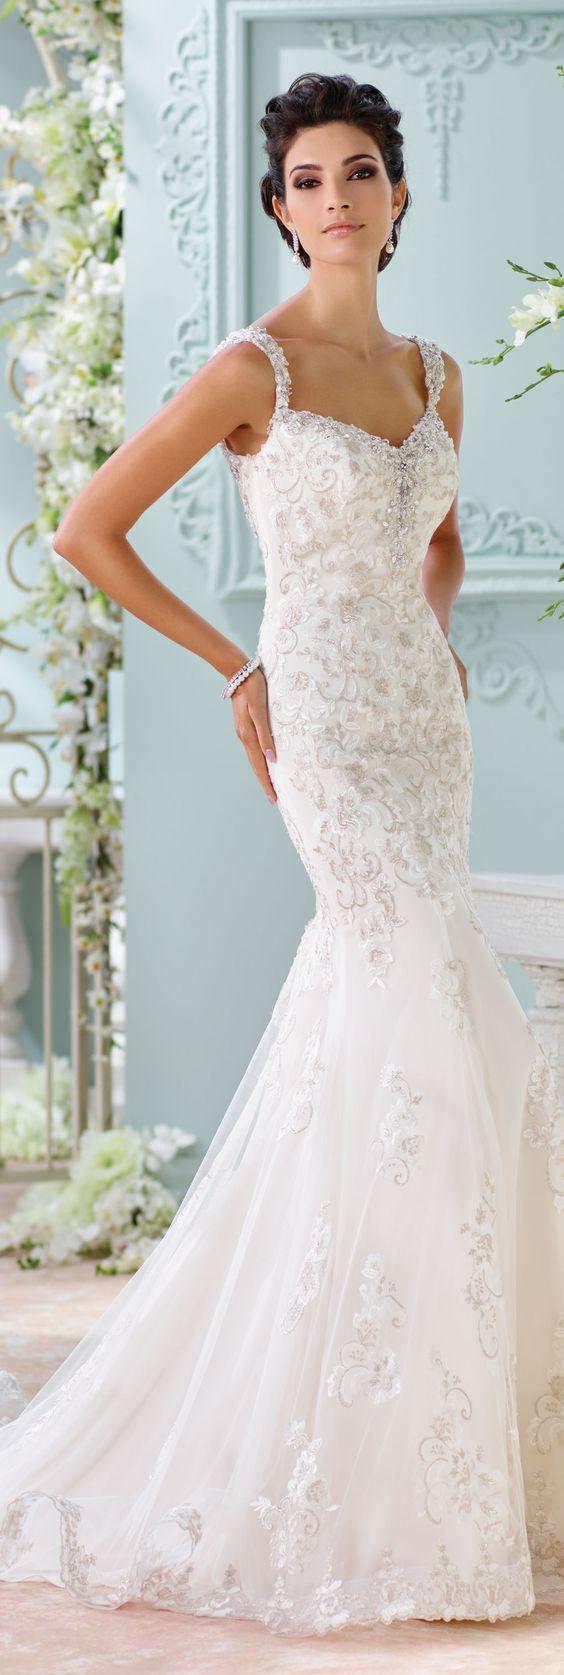 photo robe de mariée créateur pas cher 085 et plus encore sur www.robe2mariage.eu